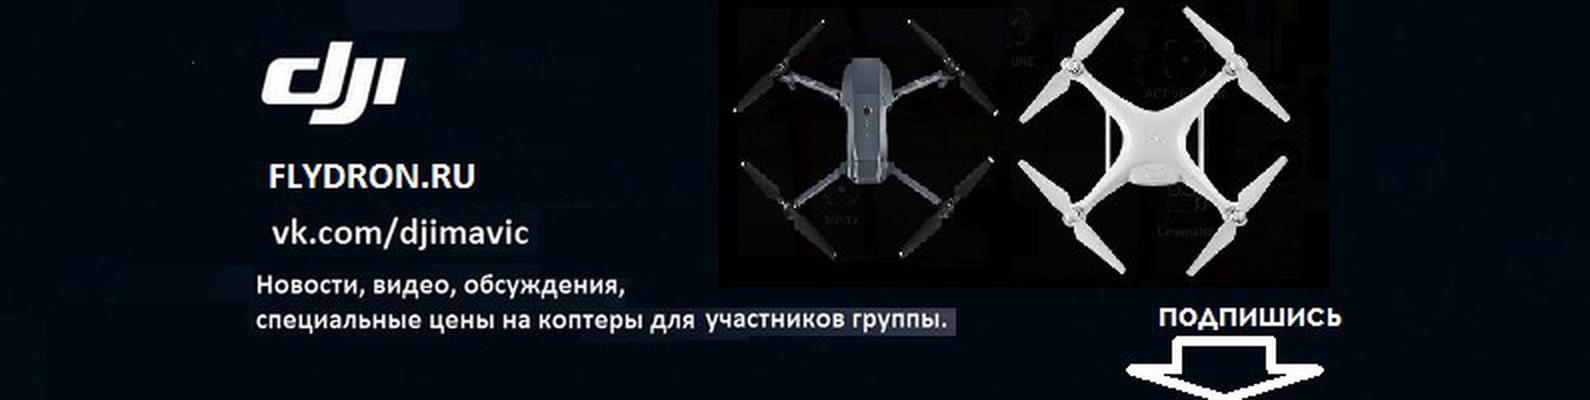 Складная площадка мавик айр выгодно купить очки dji к дрону в ноябрьск